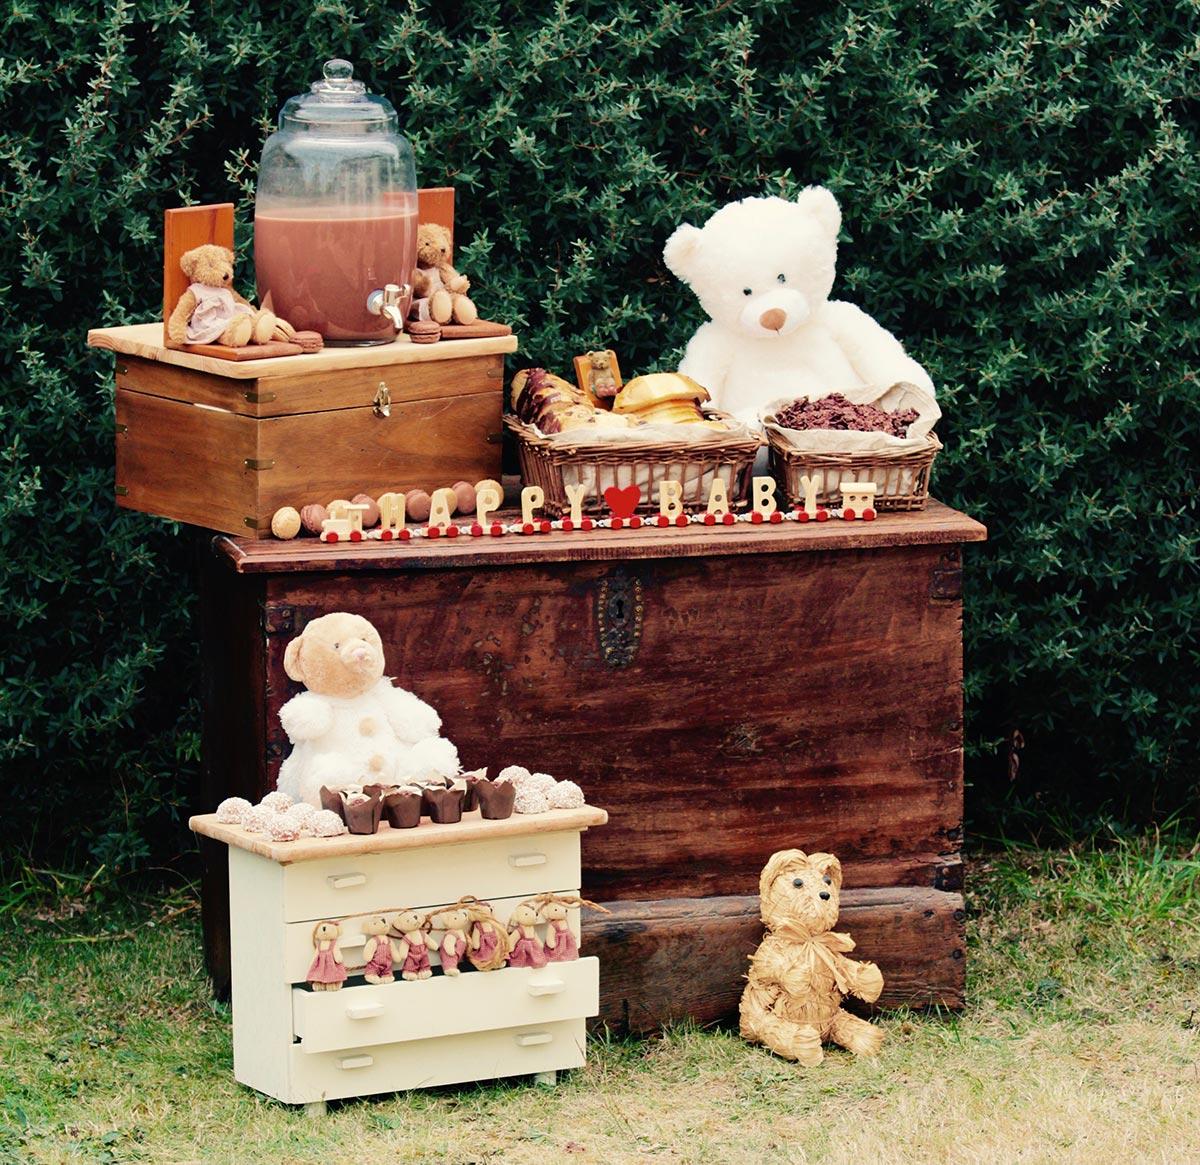 Sweet table Happy baby avec bonbonnière, gâteaux chocolats et décoration thème oursons